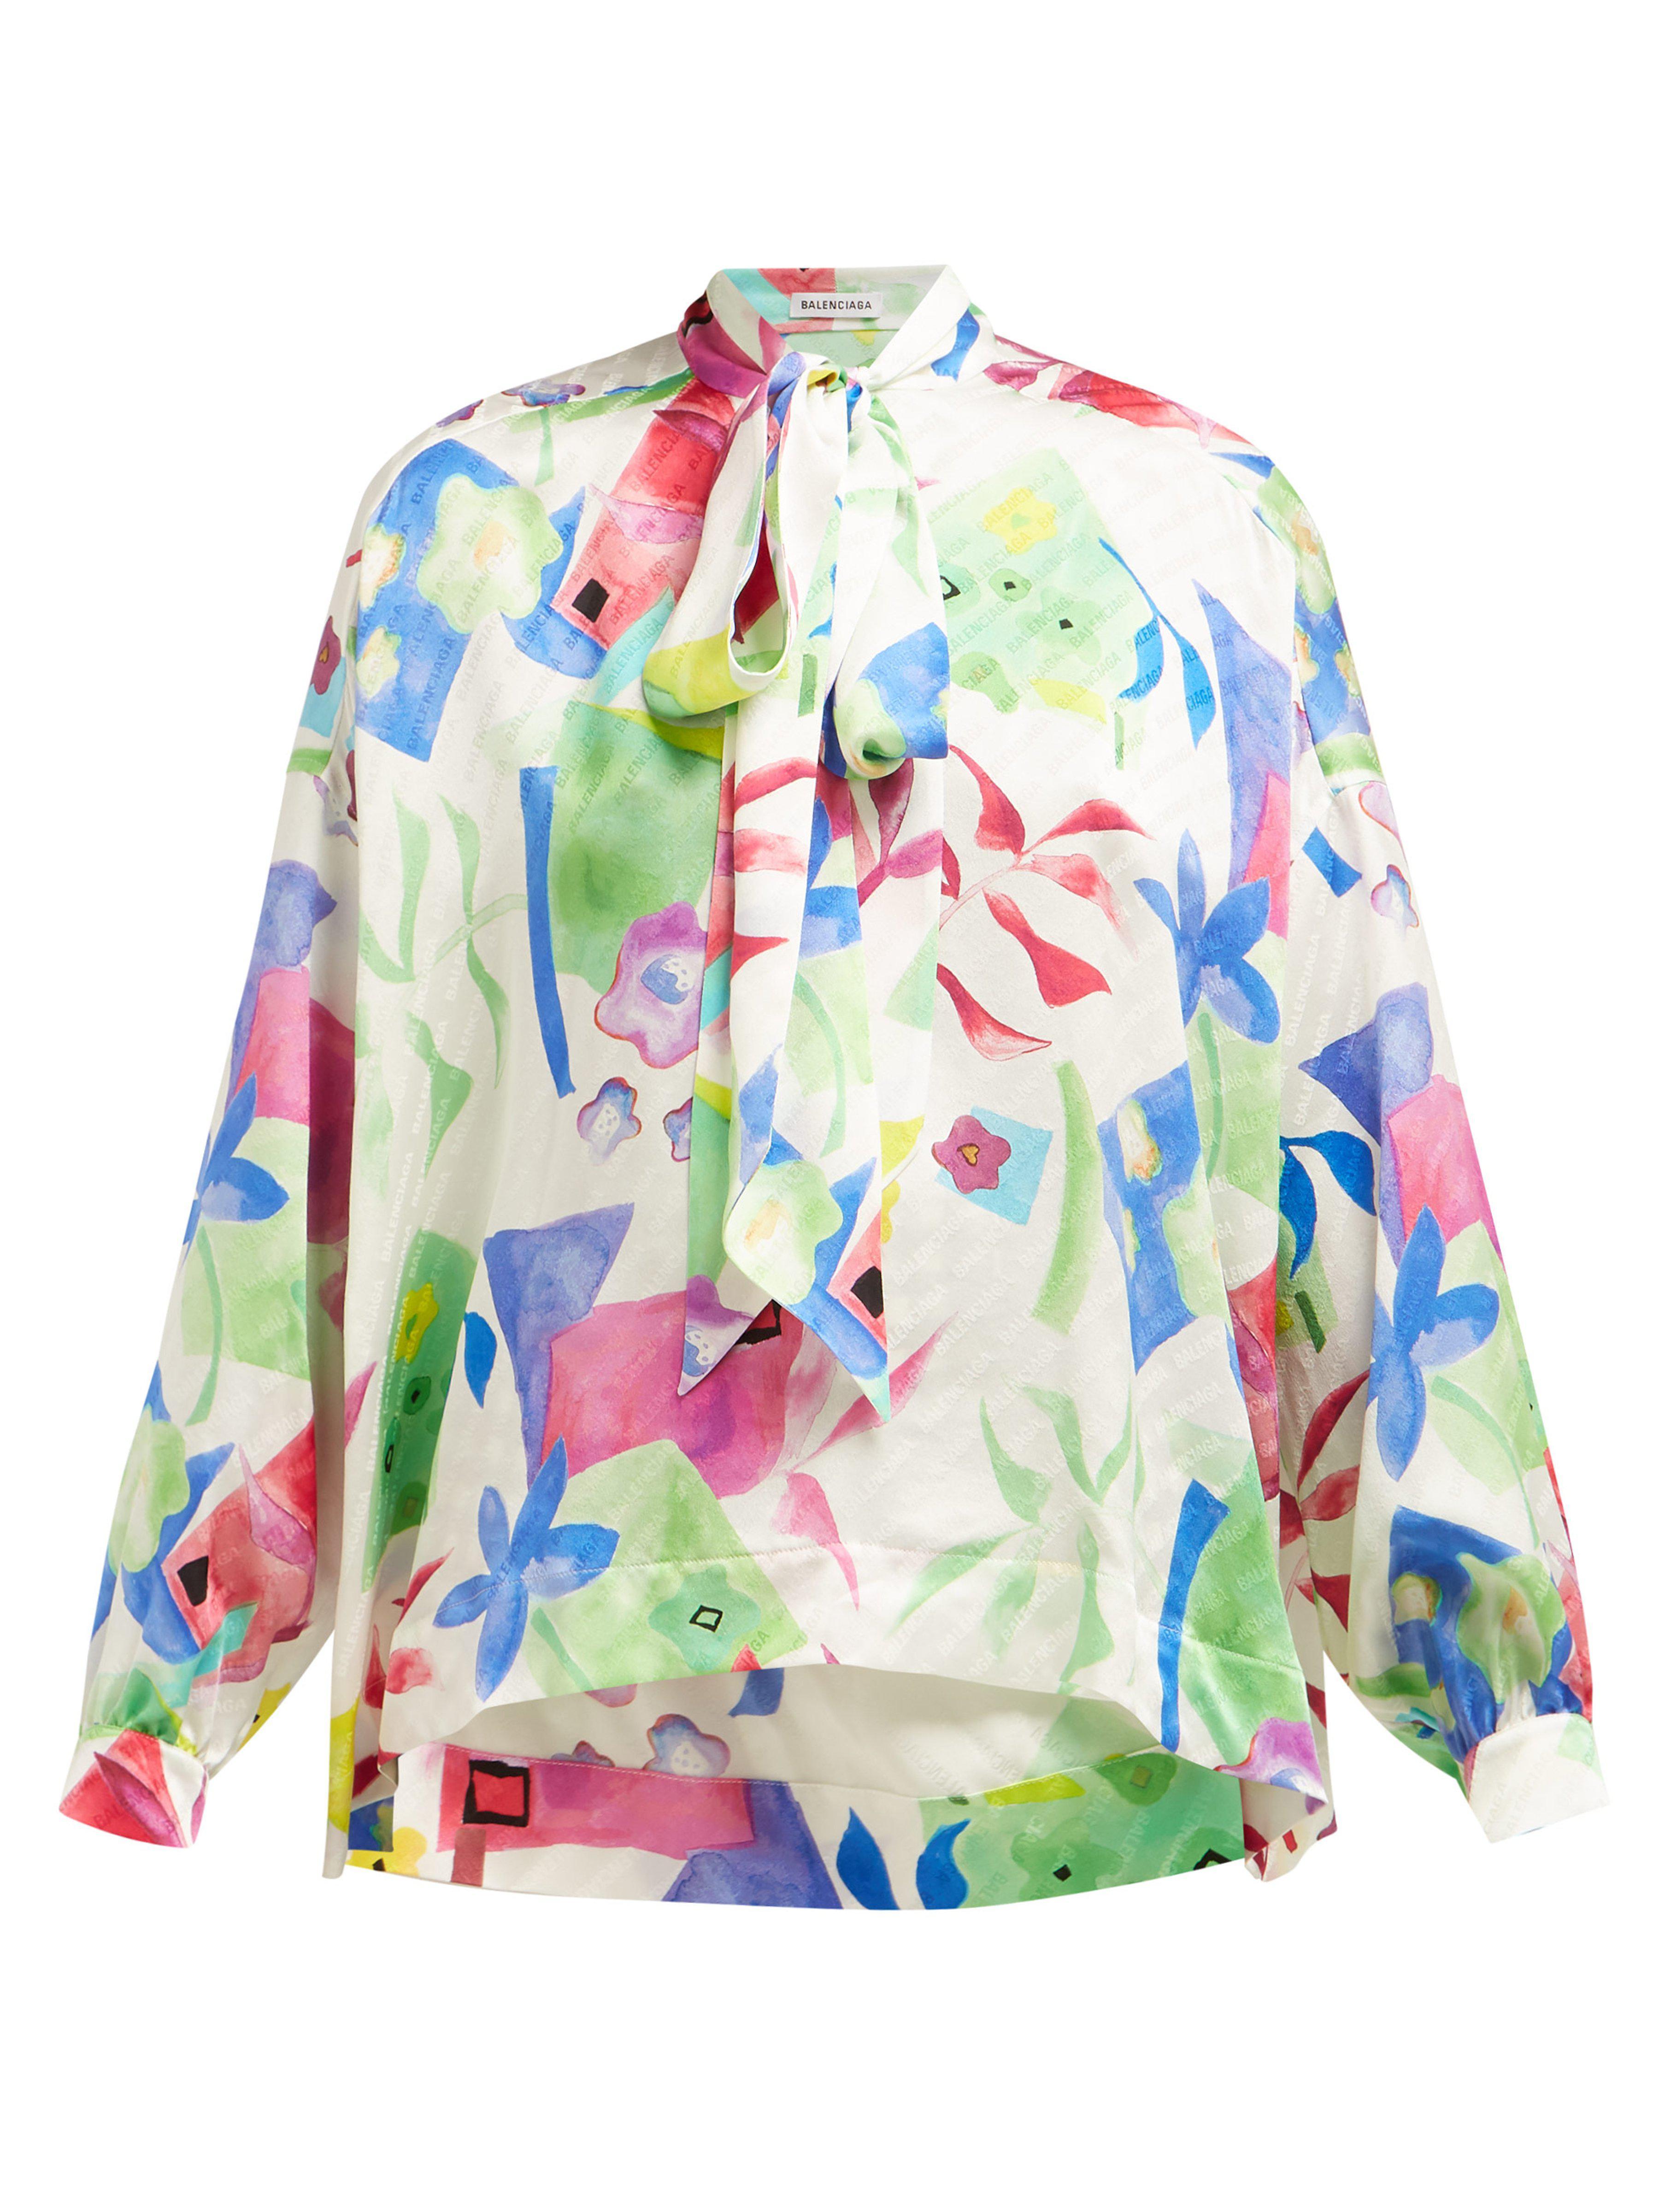 82b9b106ffcc Balenciaga - Multicolor Floral Print Logo Jacquard Silk Blouse - Lyst. View  fullscreen